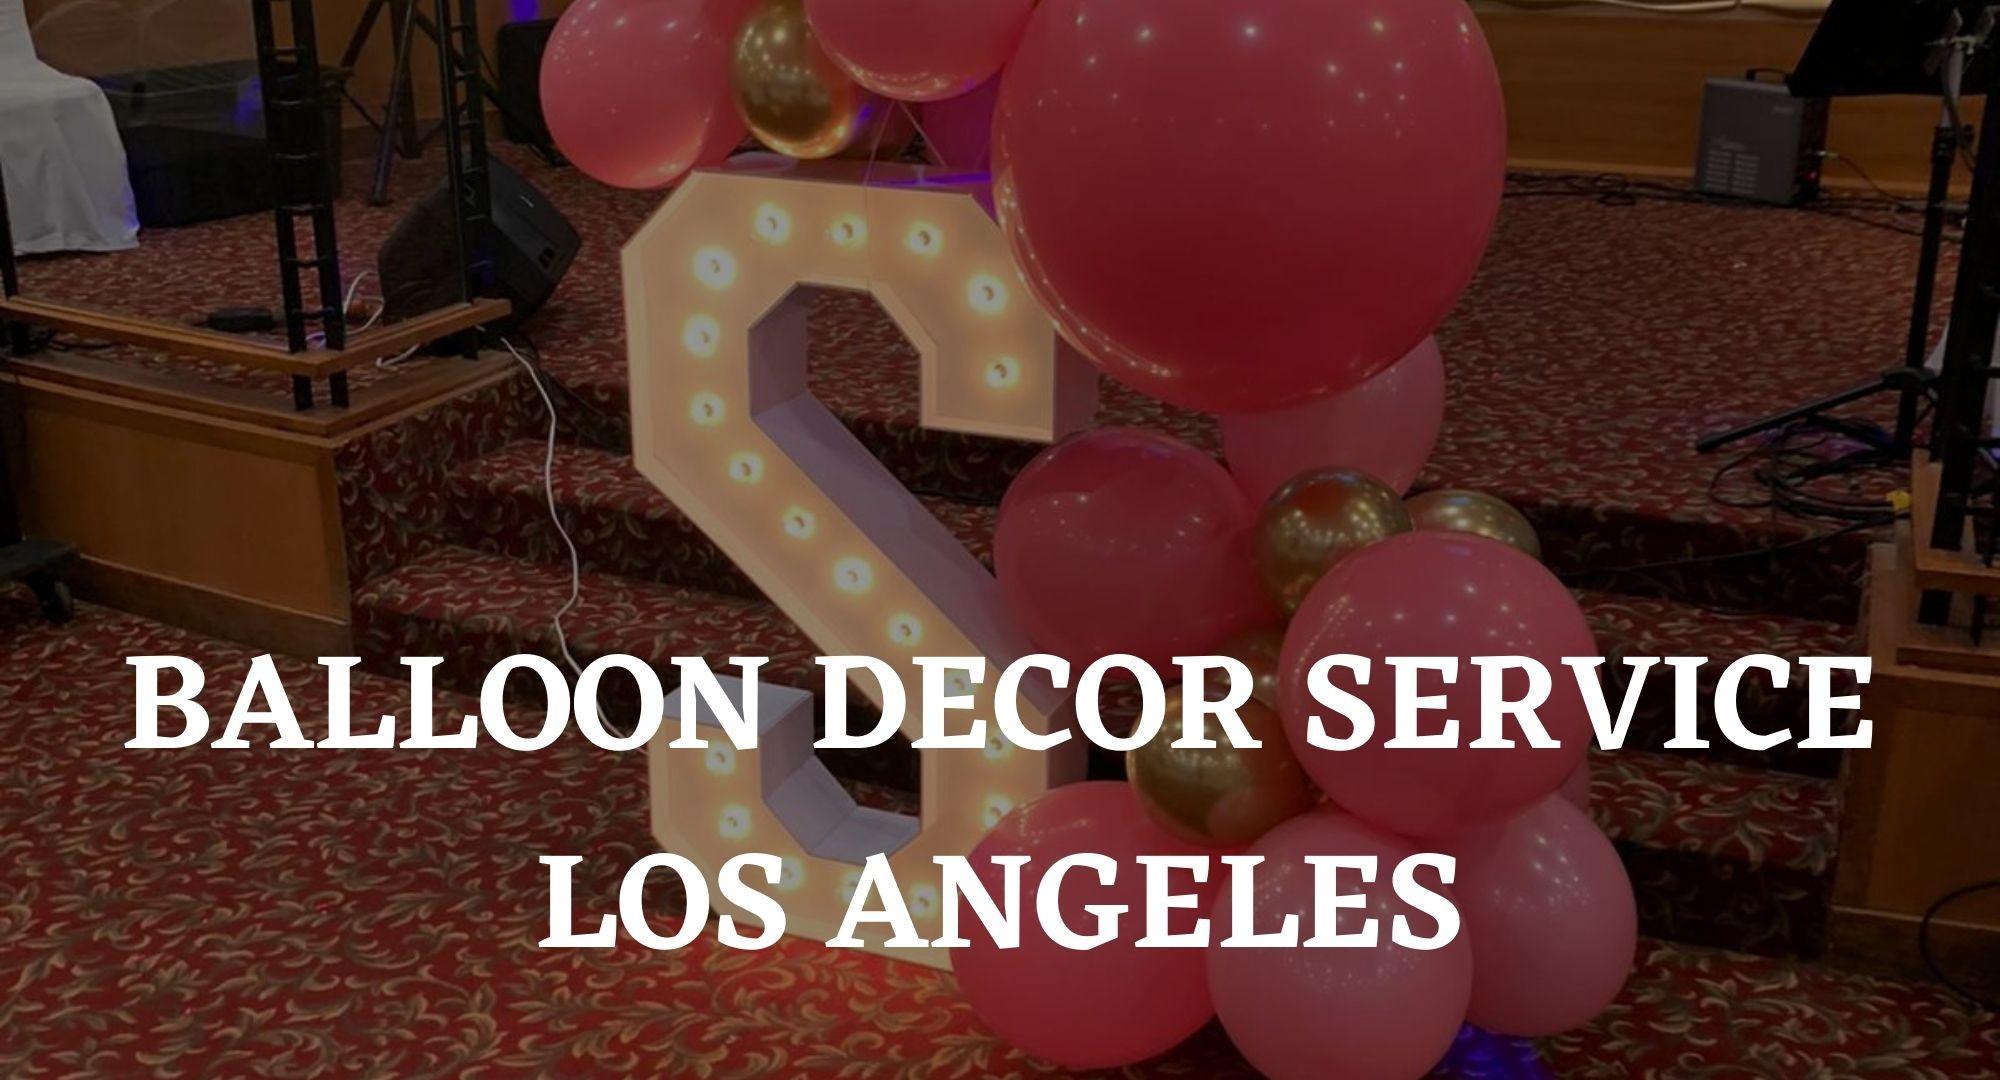 Balloon Decor Services Niagara Falls